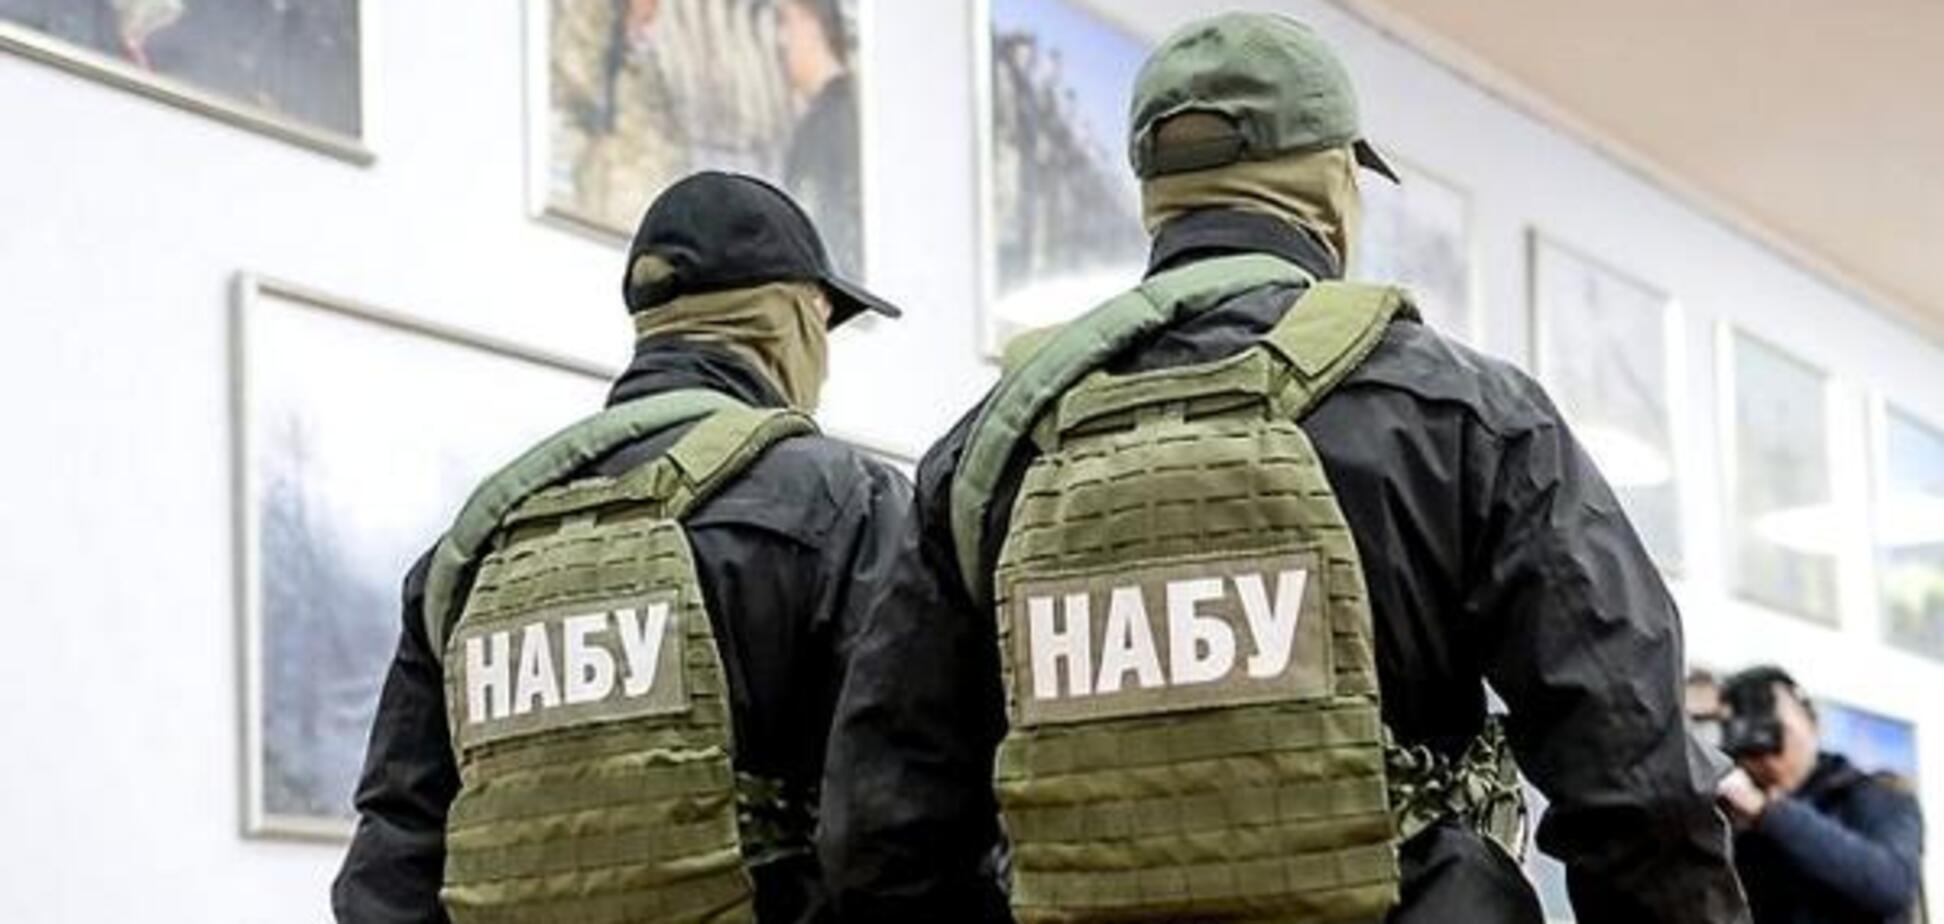 НАБУ затримало екс-чиновника втікача в справі про корупцію